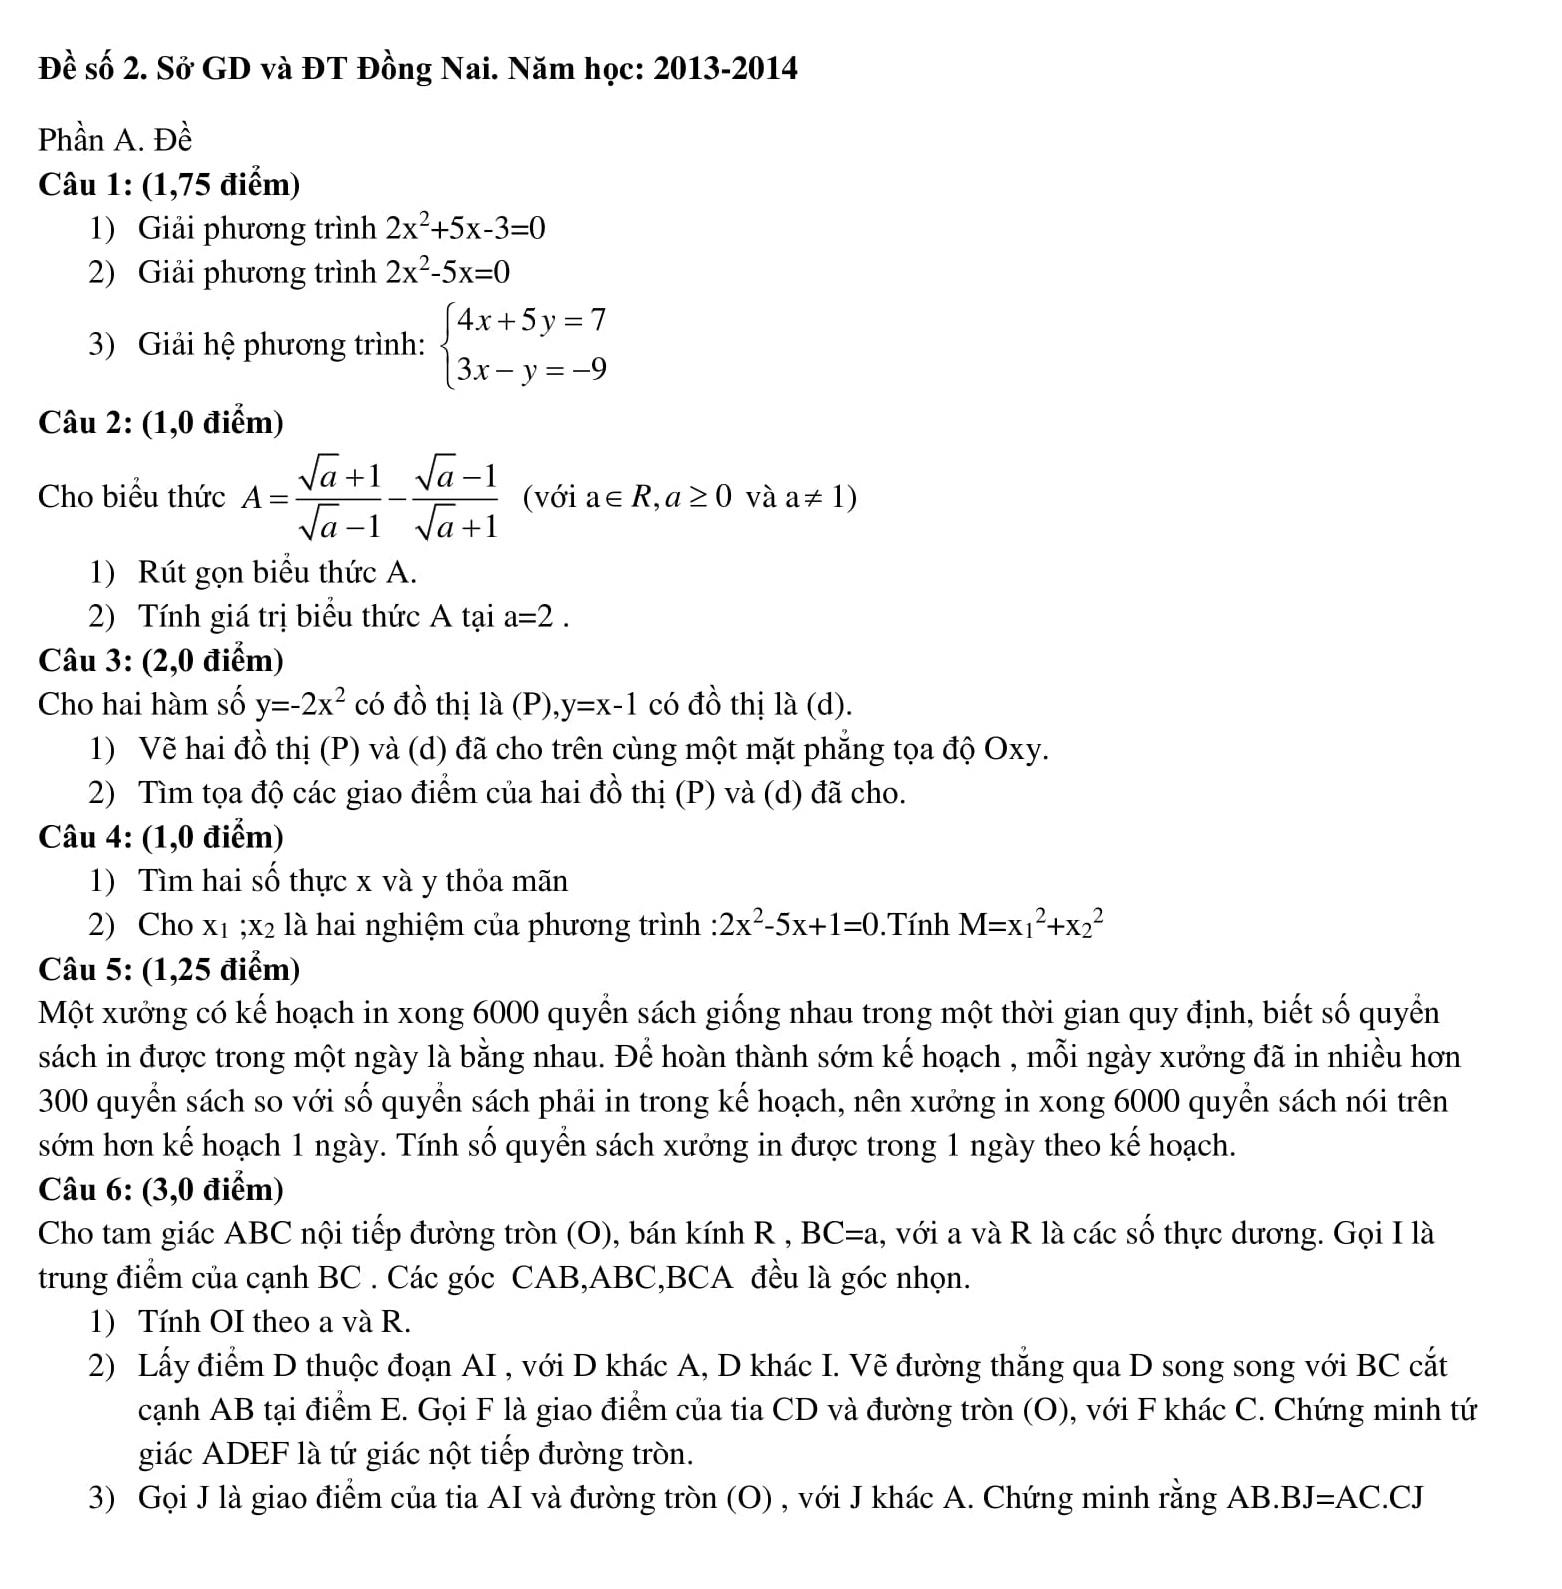 95 Đề thi Toán 9 vào 10 có đáp án - được tổng hợp qua các năm